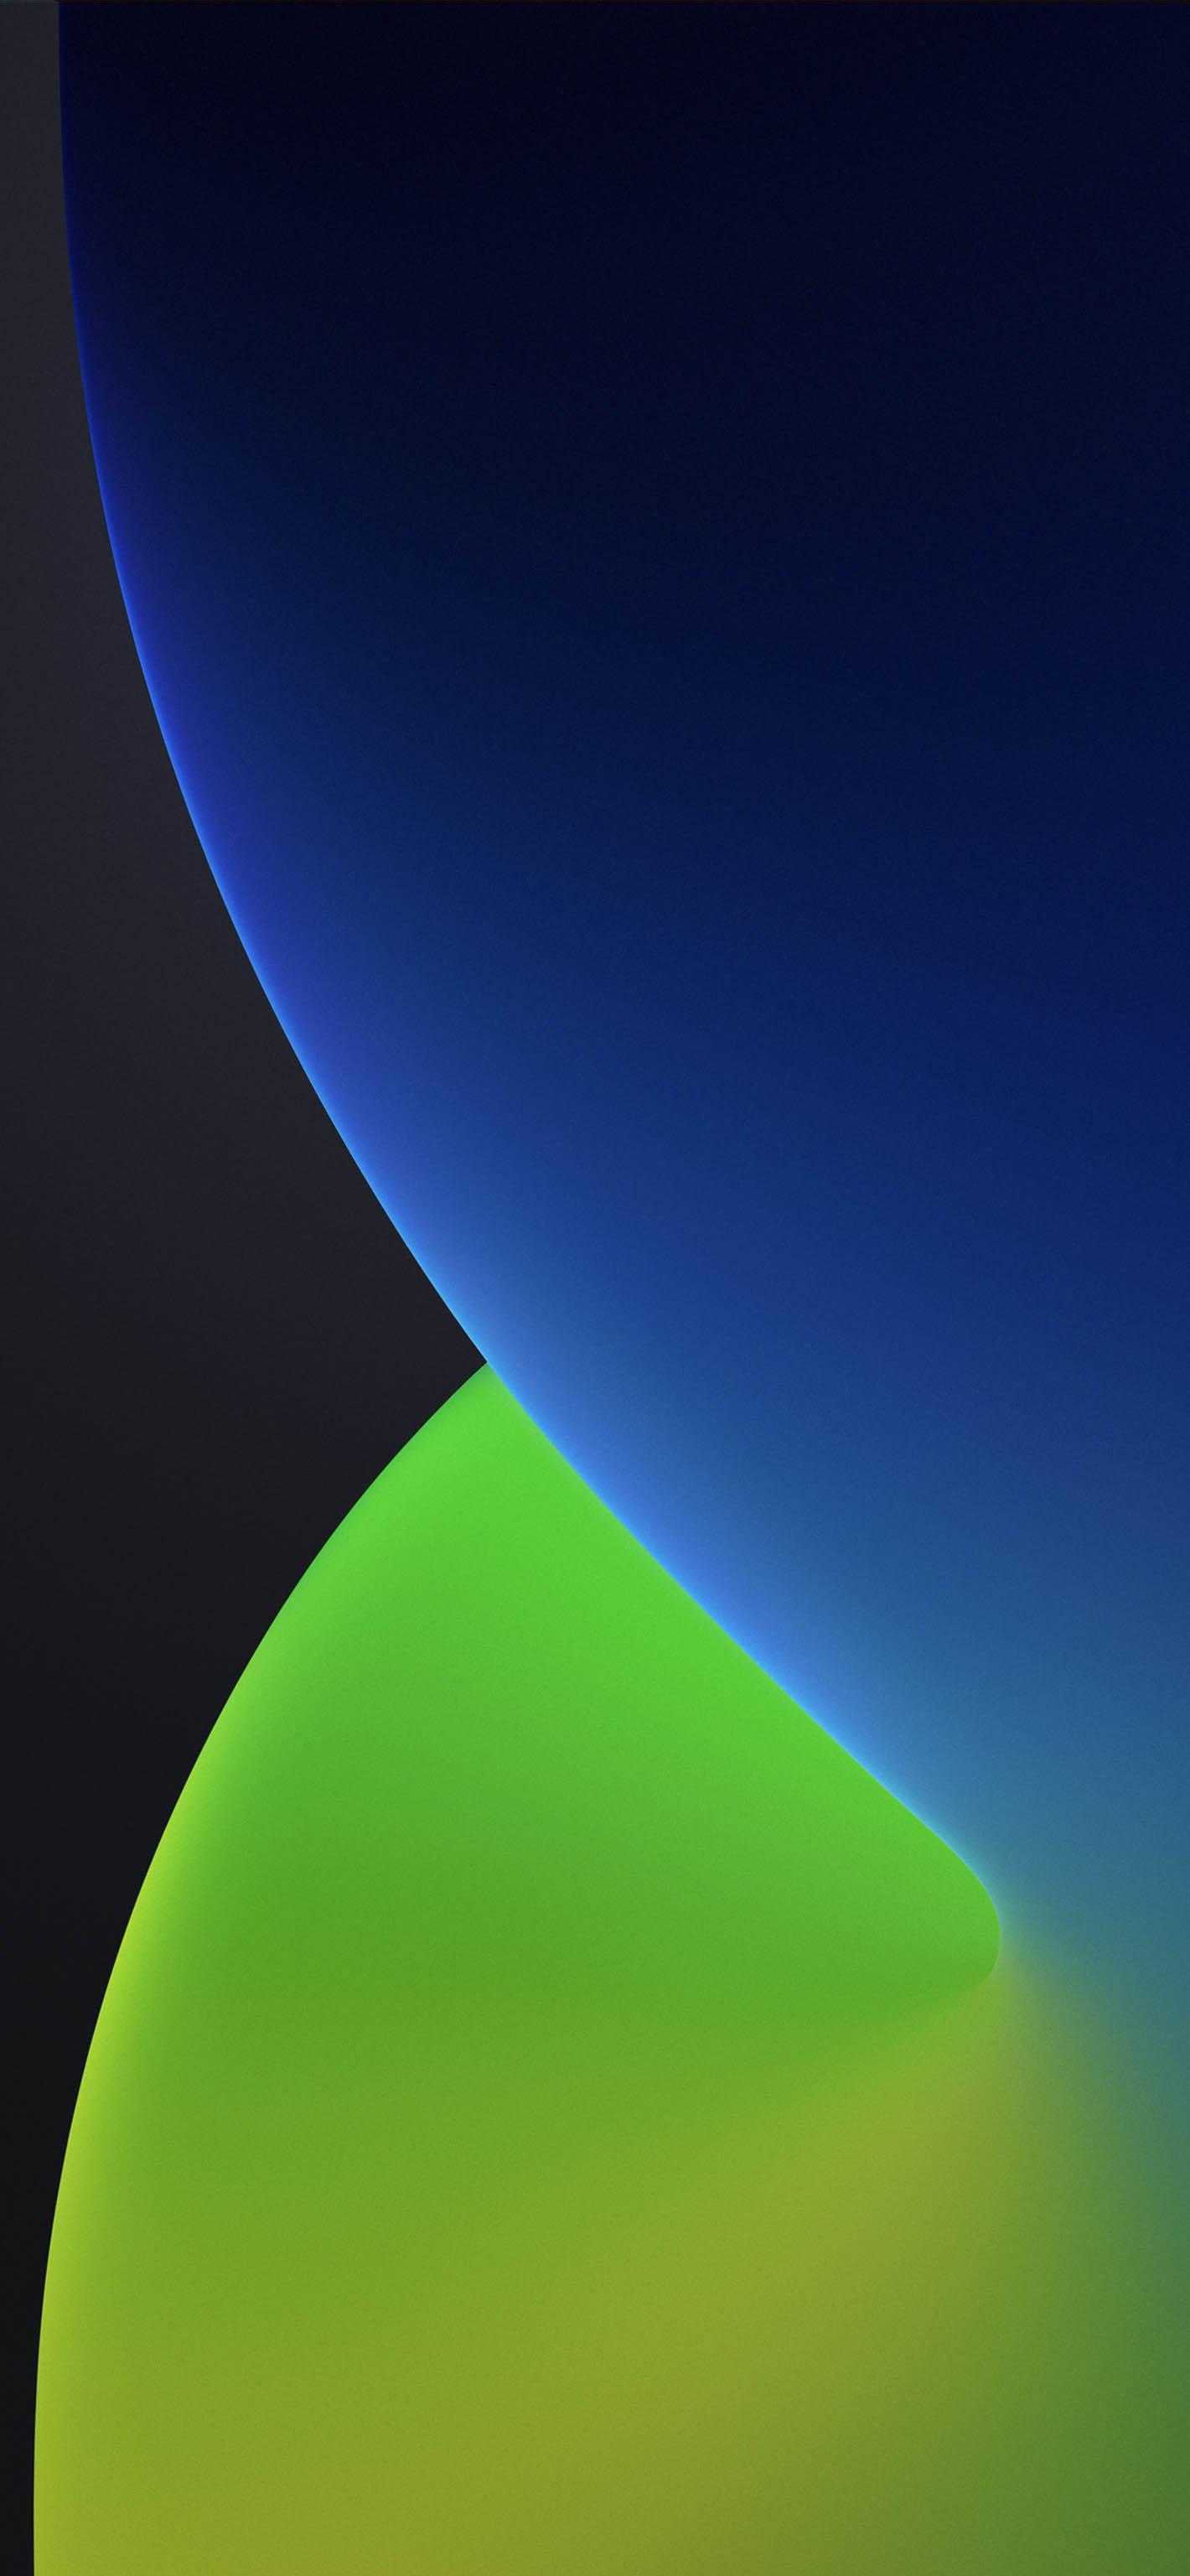 Fondo iOS 14 azul y verde oscuro